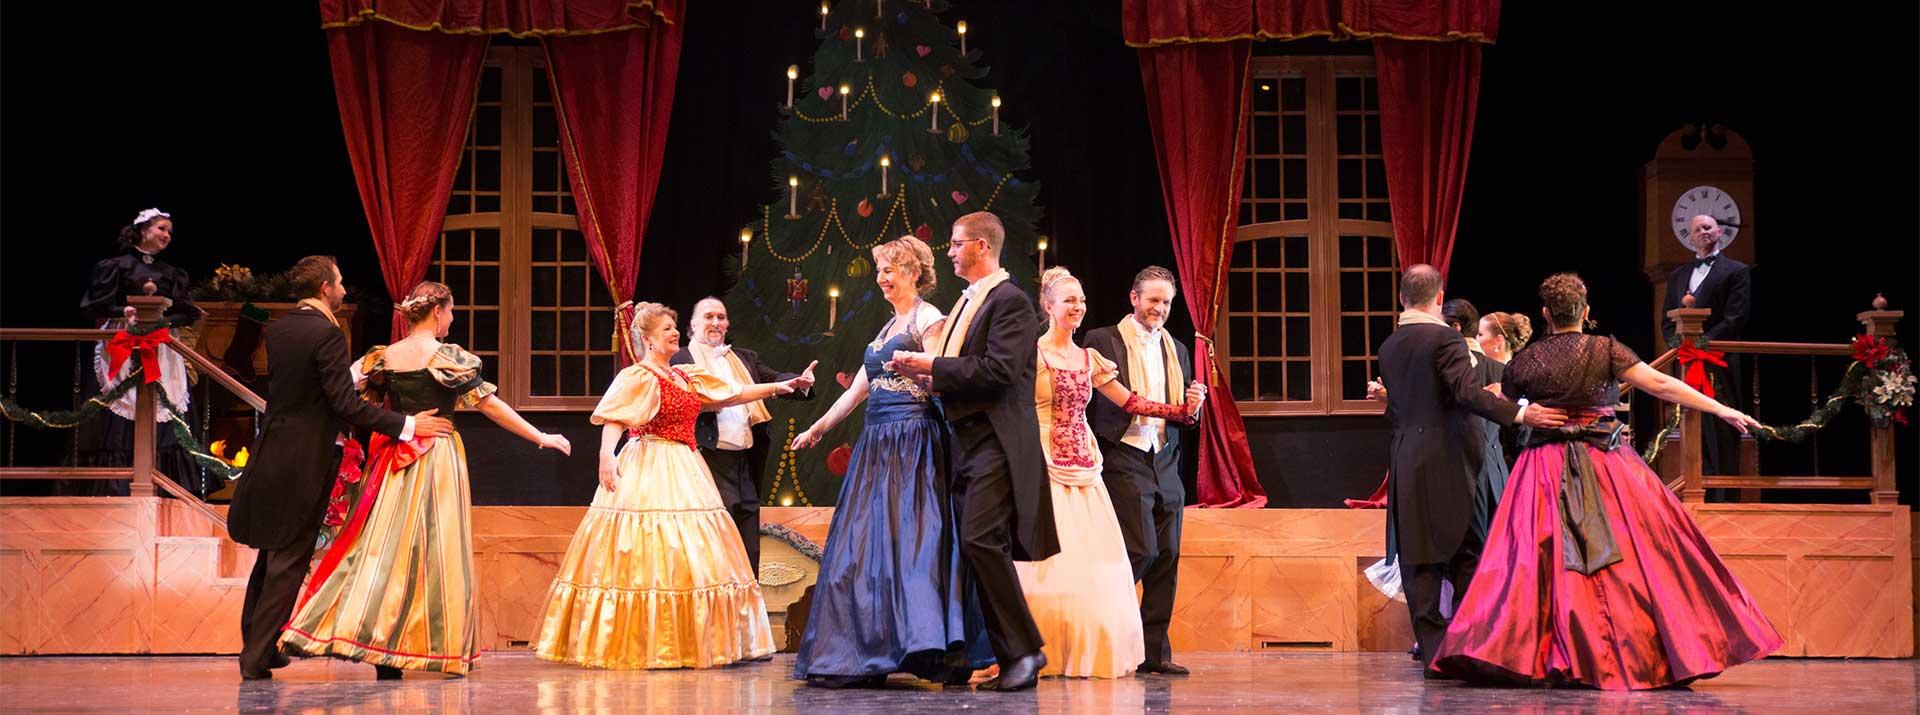 Volunteer with the Garden City Ballet - The Nutcracker - volunteers dancing on stage